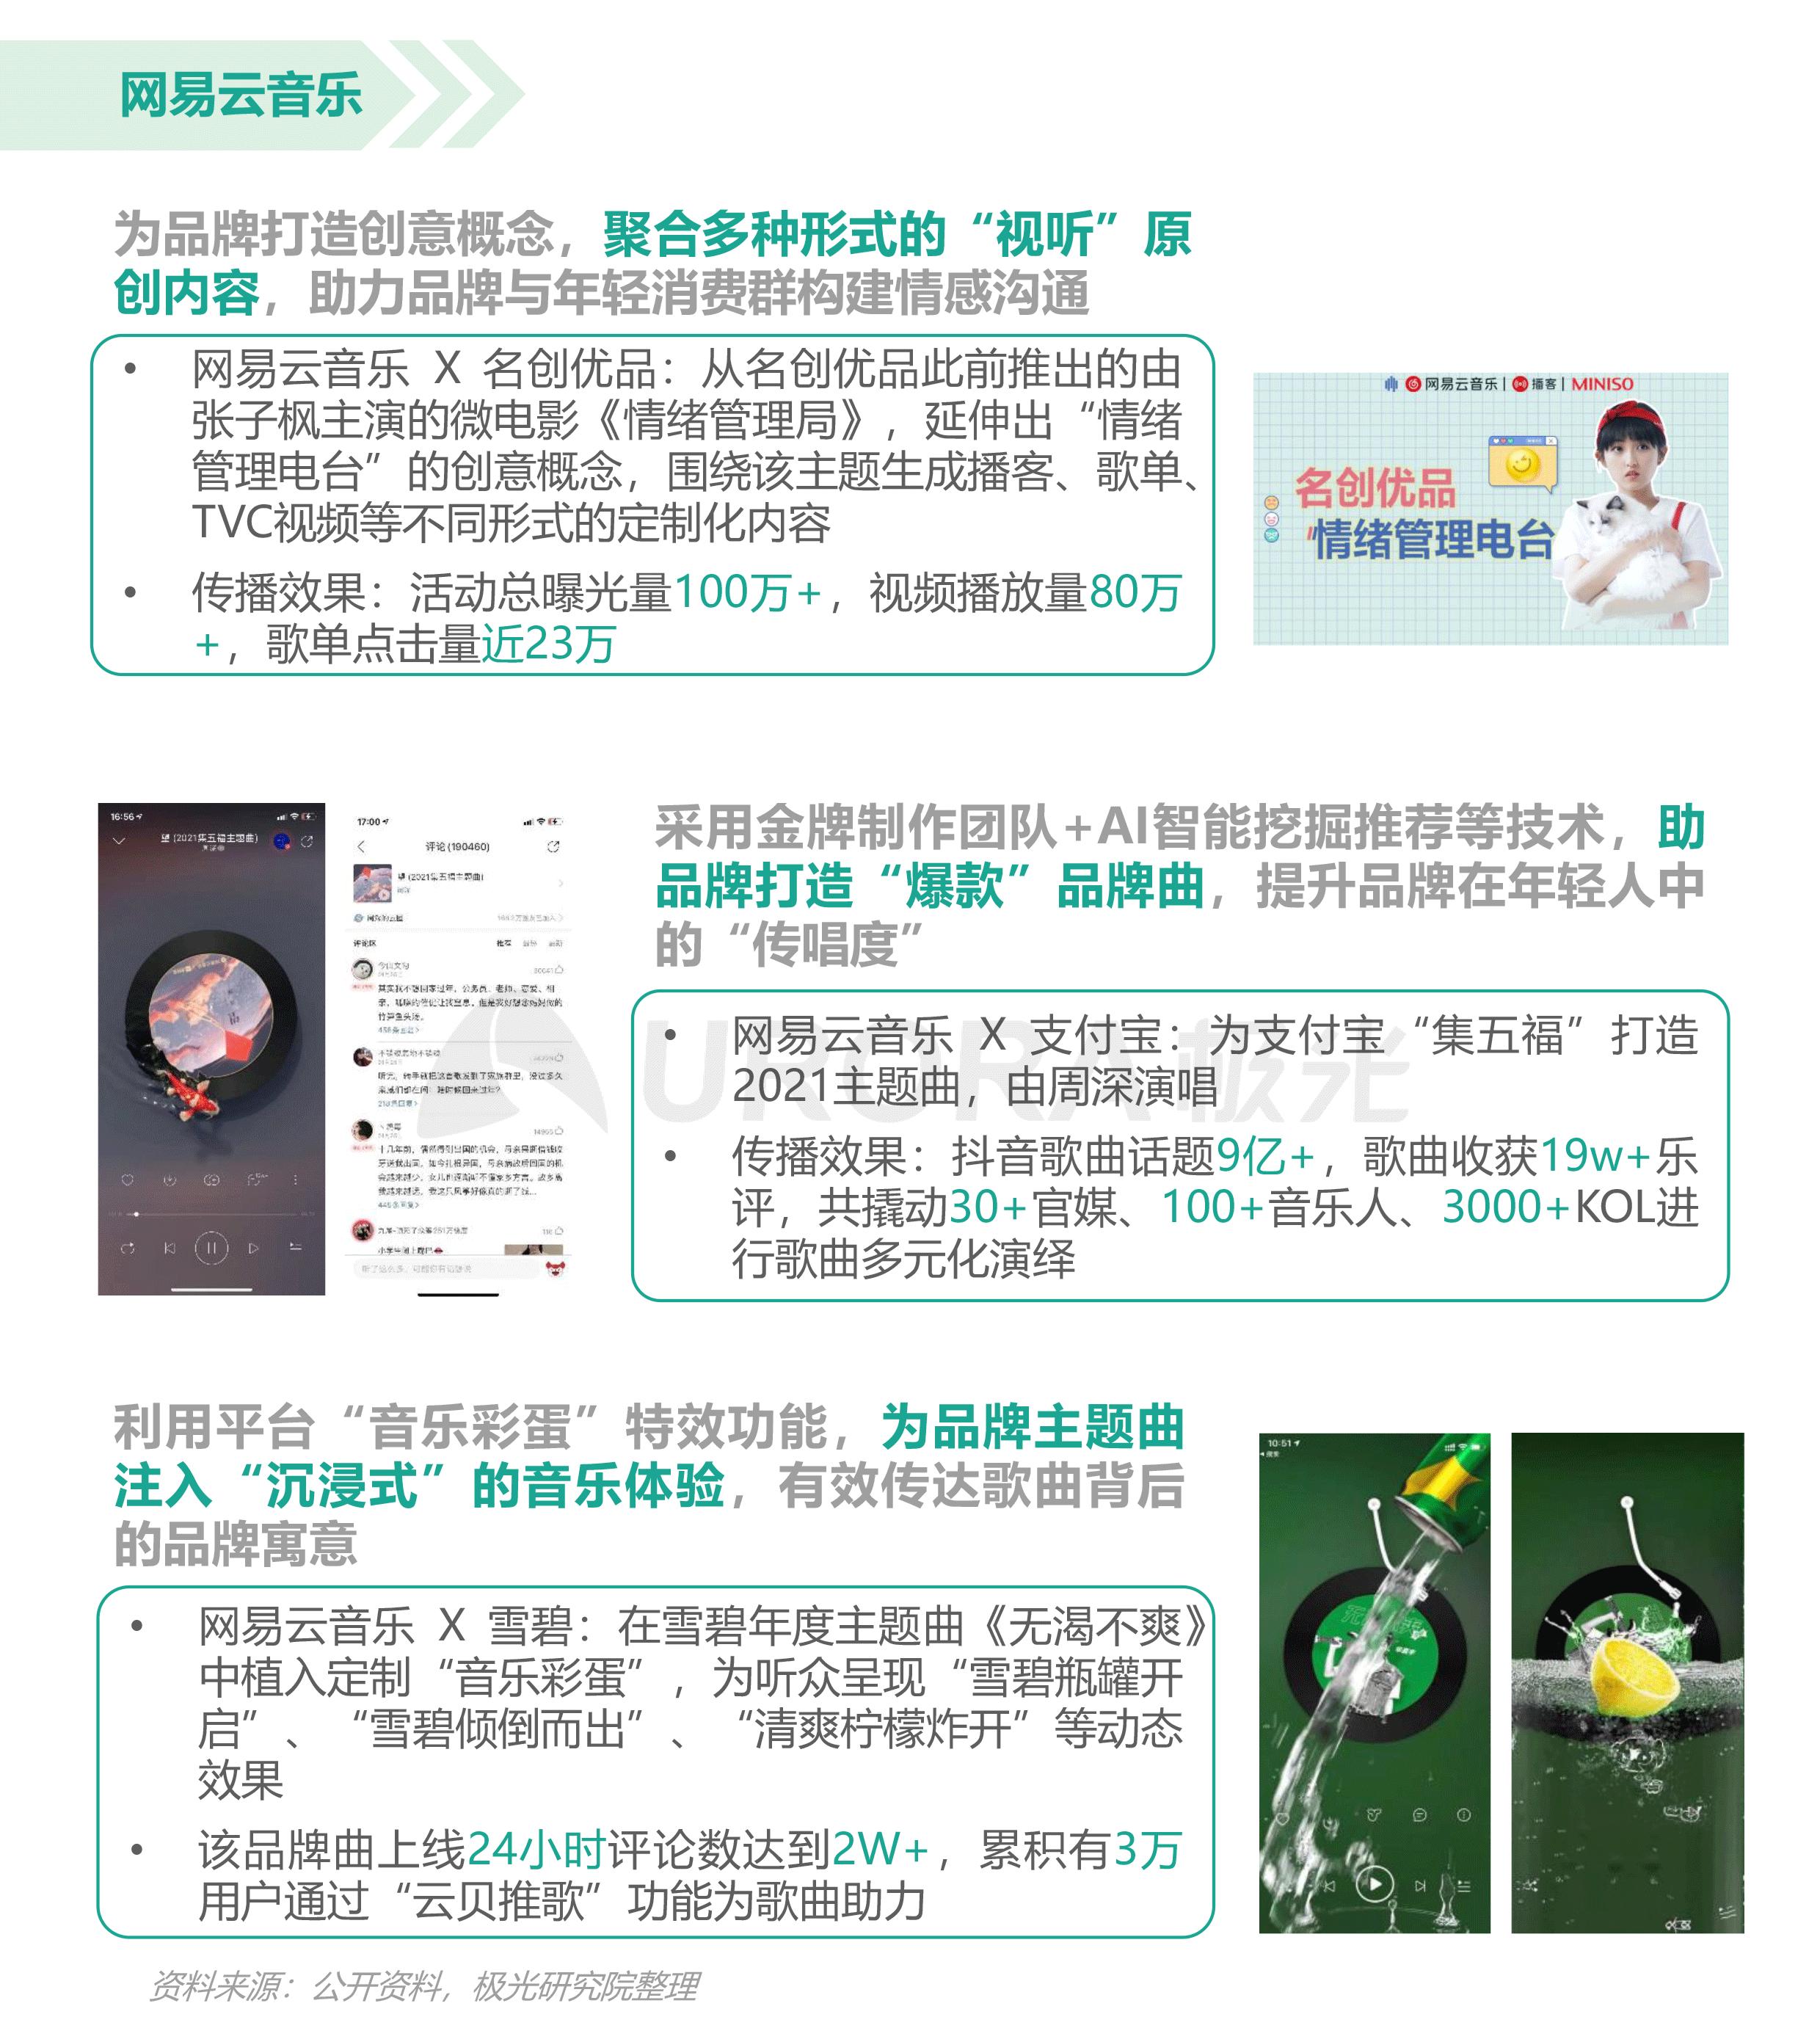 2021年轻人营销趋势研究报告【定稿】-45.png